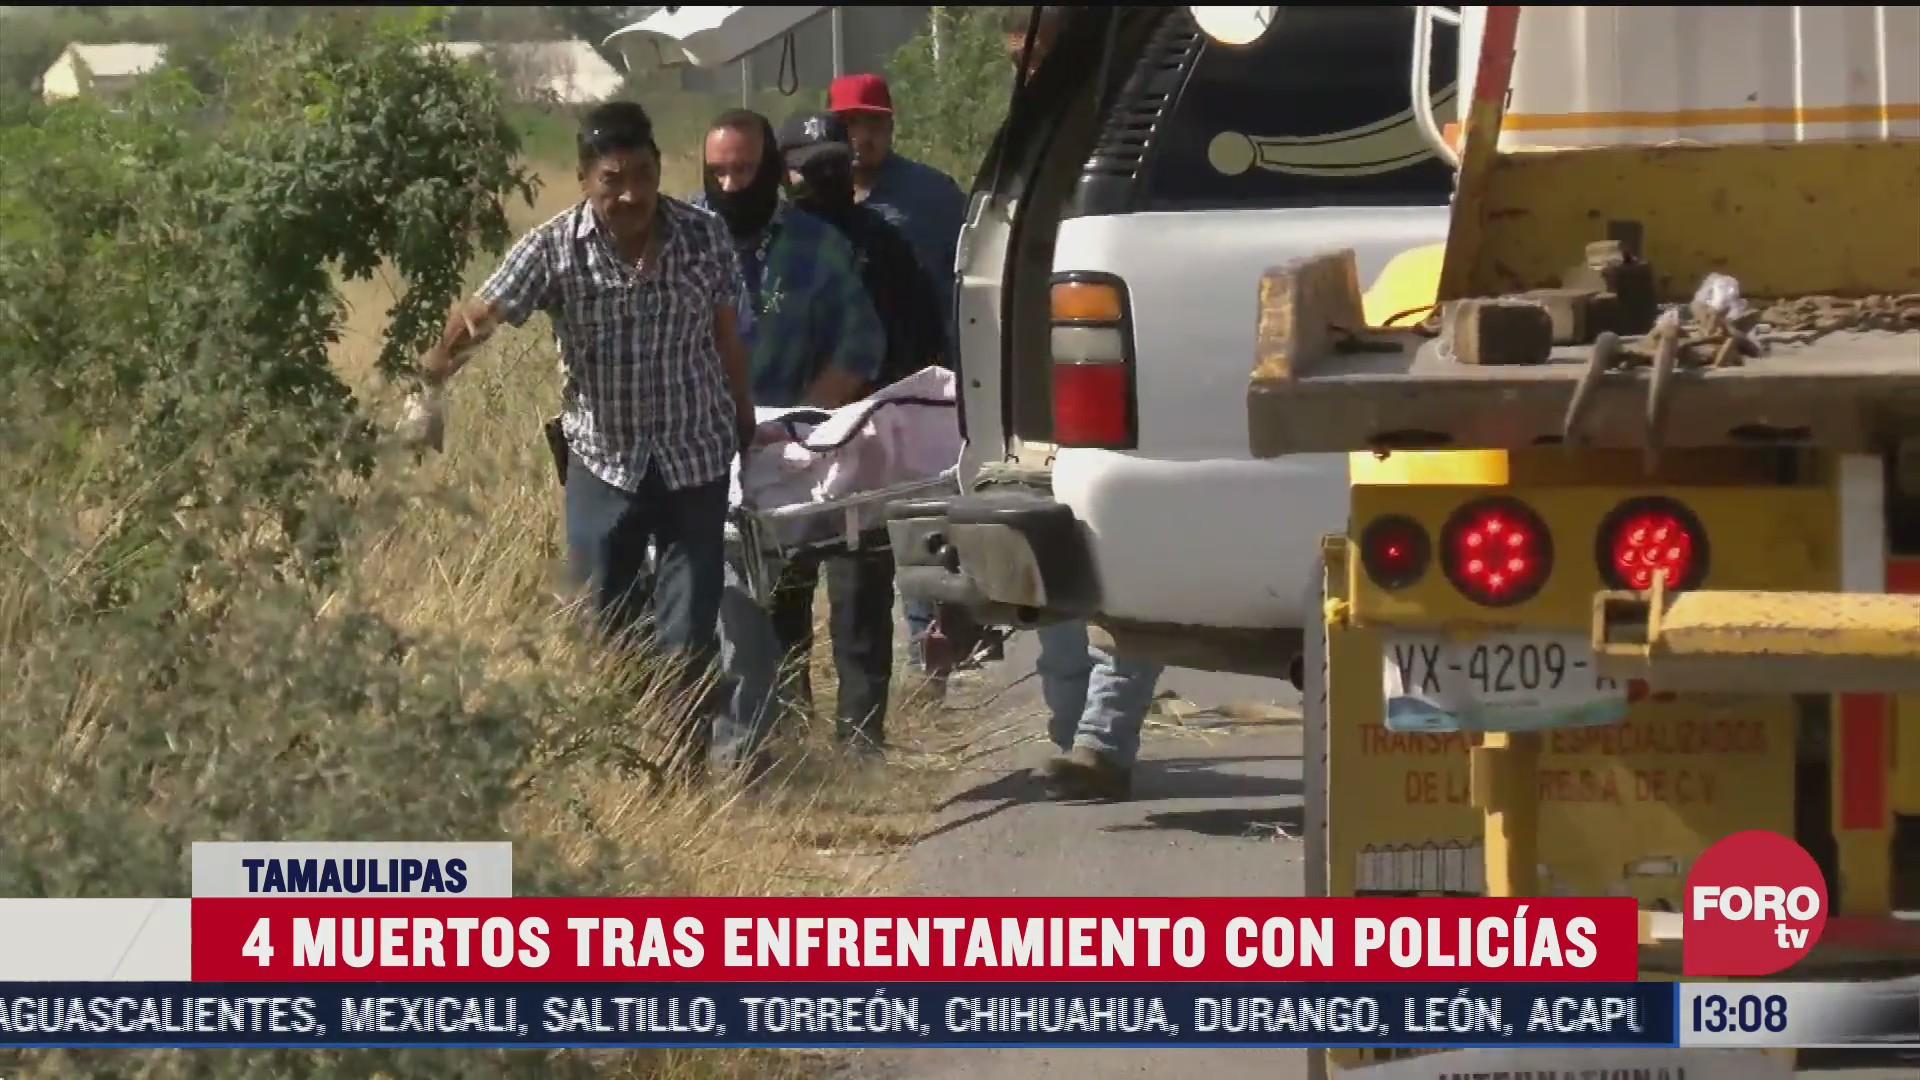 policias y ladrones se enfrentan en tamaulipas